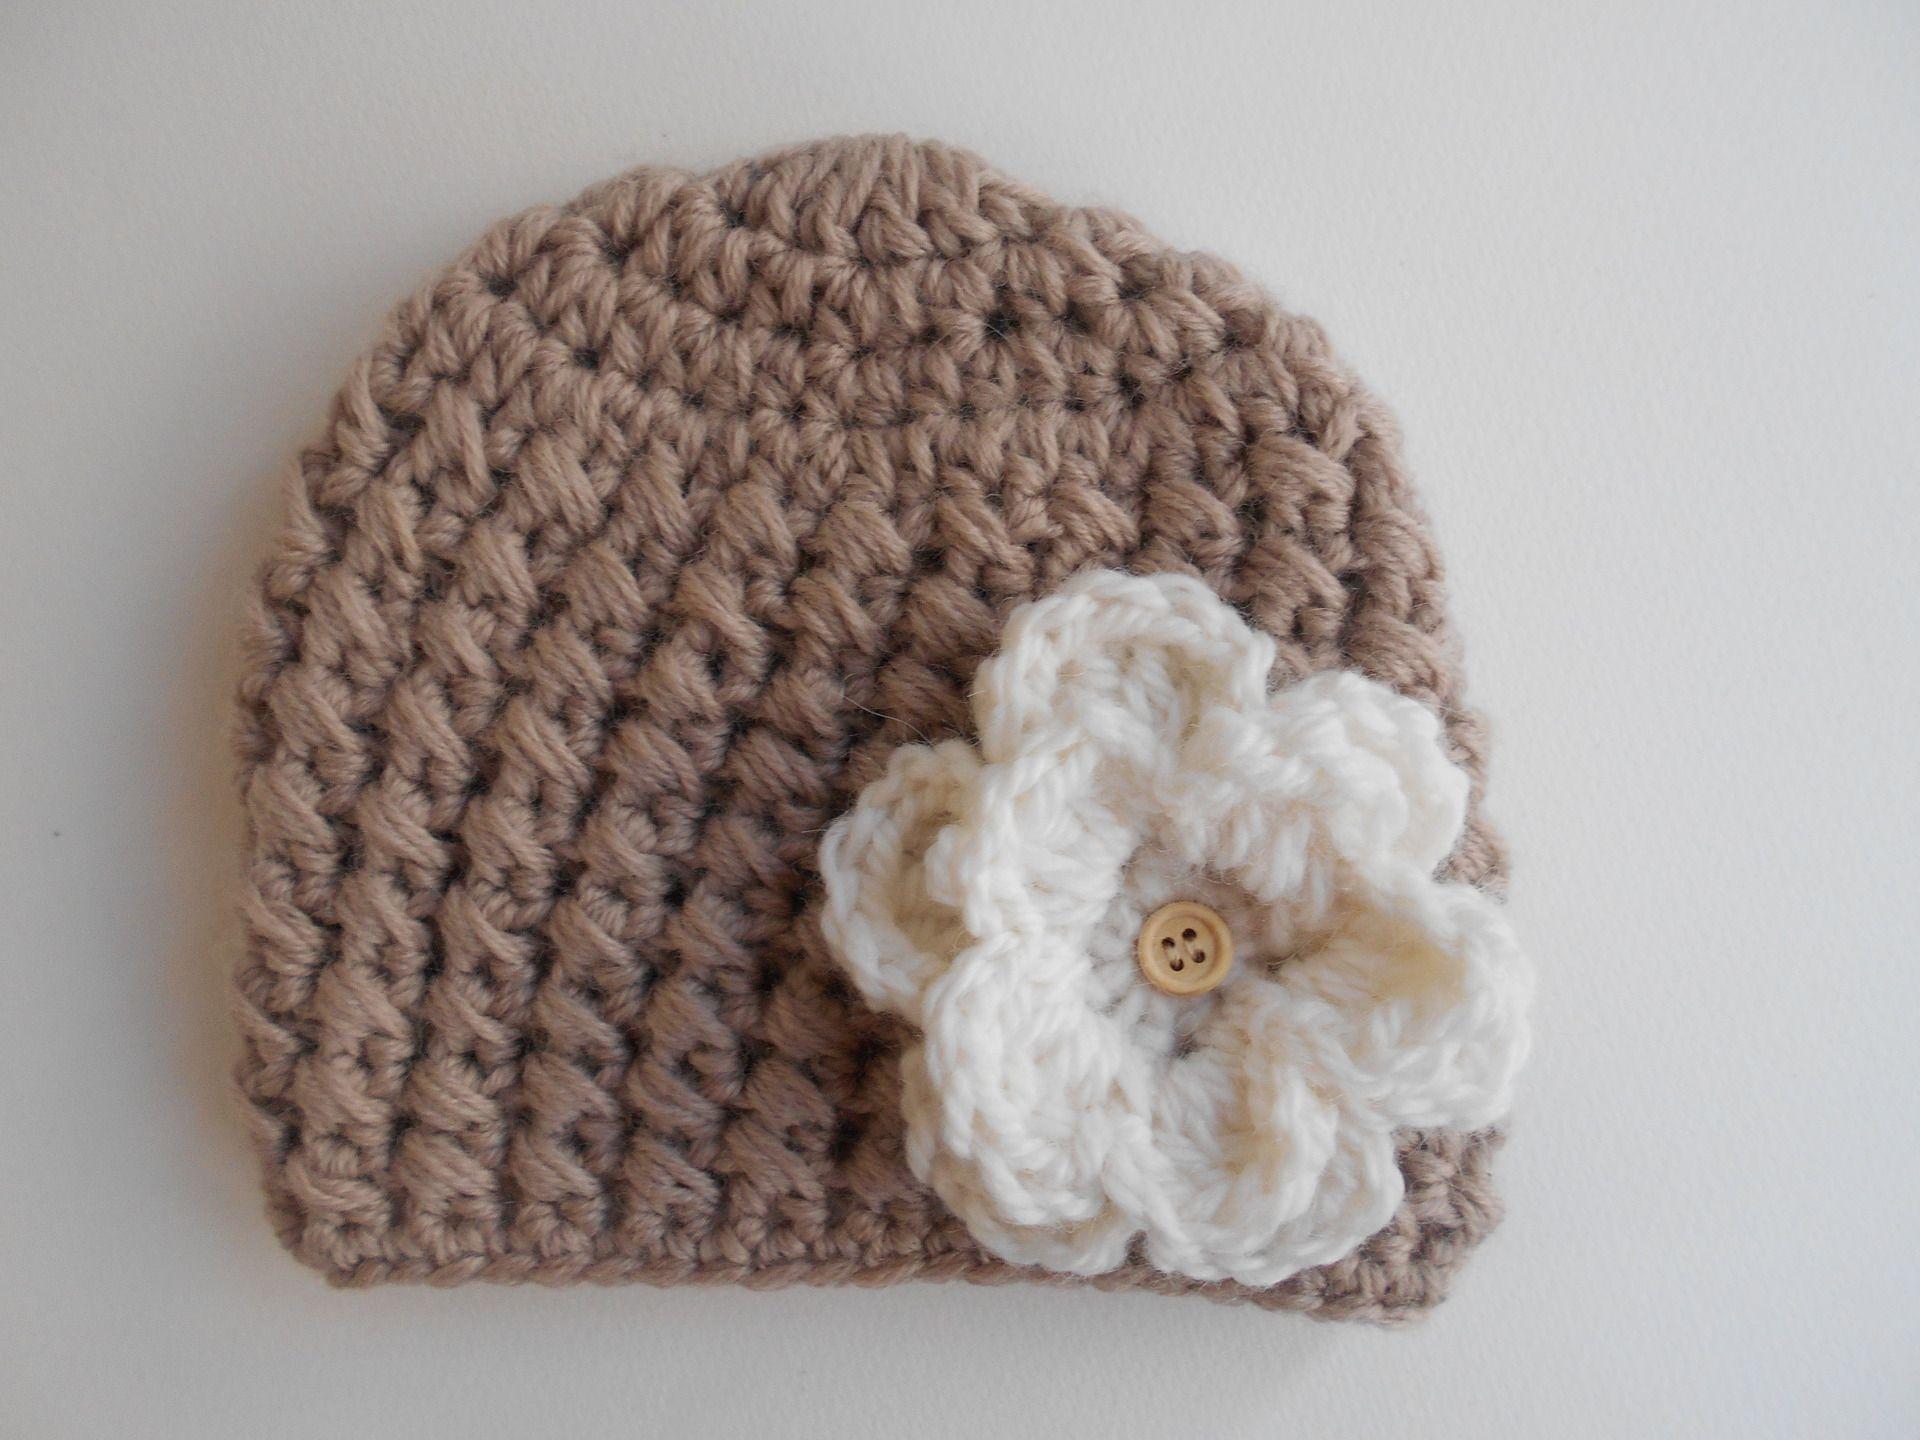 65c22e44b9de0 bonnet bebe fille 100%laine vierge beige et blanc fait main au crochet :  Mode Bébé par chtiewie